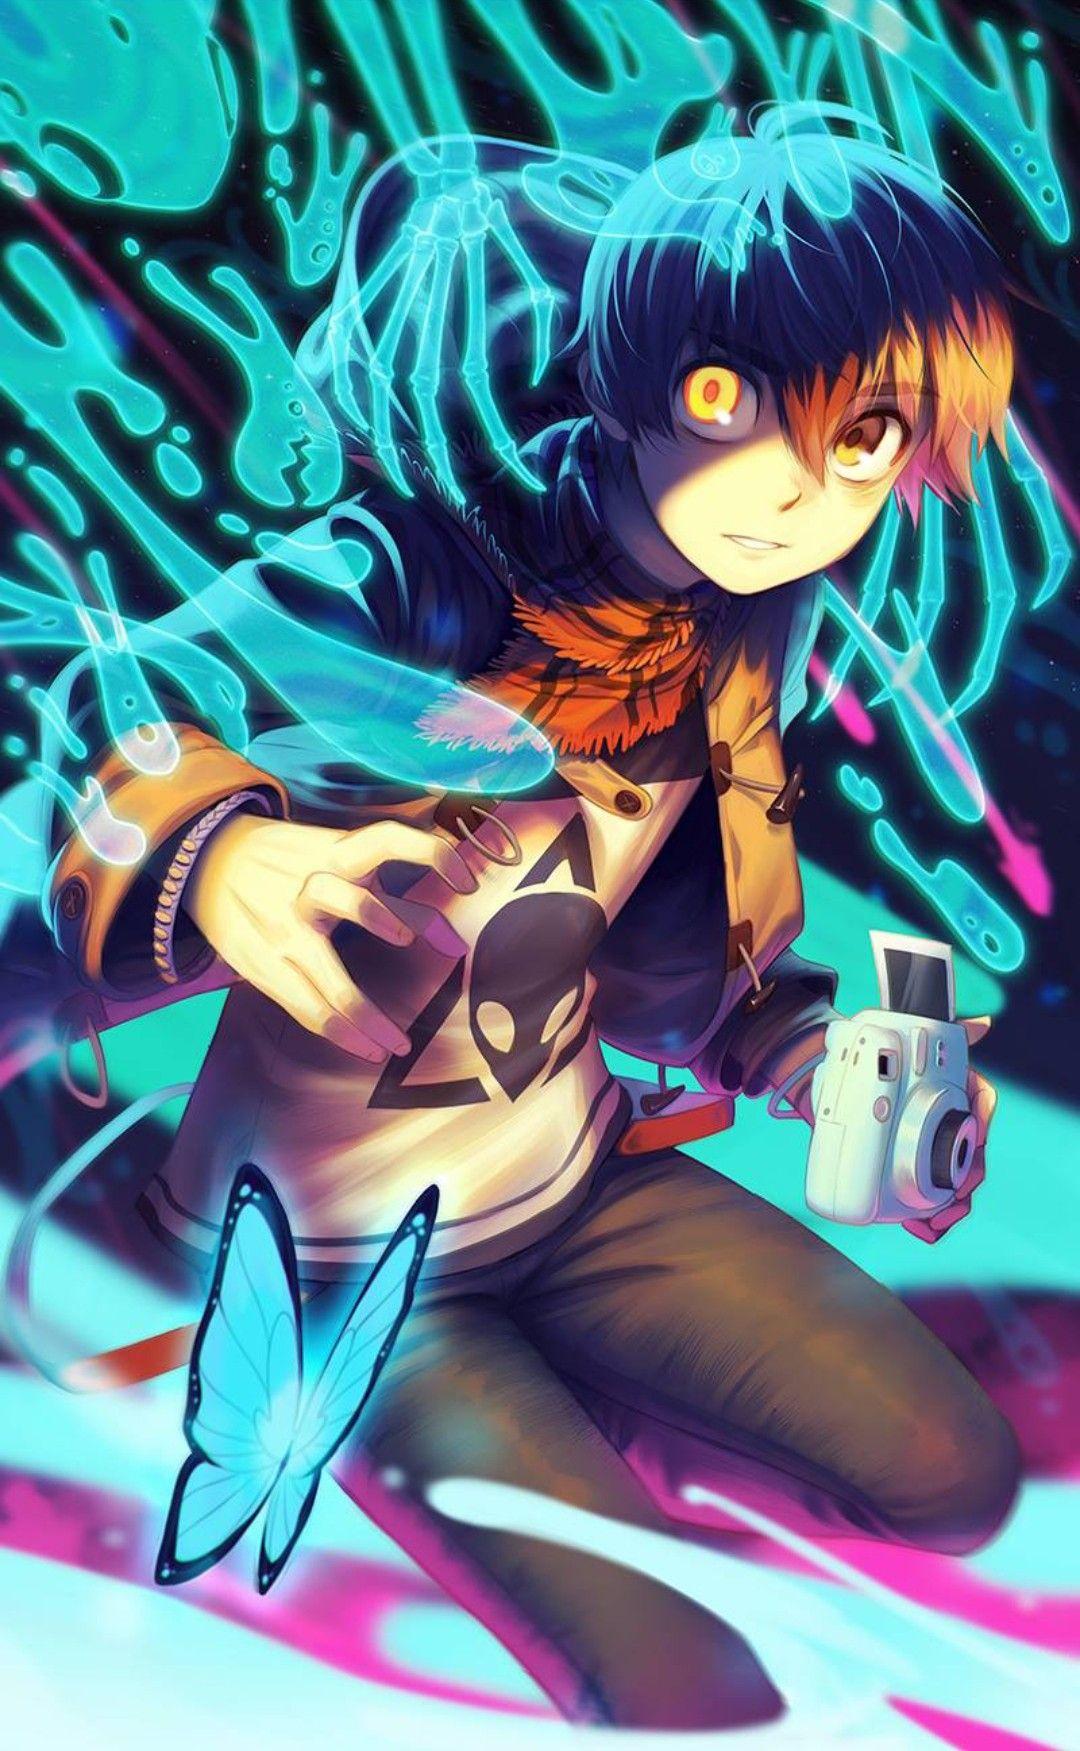 Lalin's Curse webtoon Webtoon comics, Anime, Webtoon